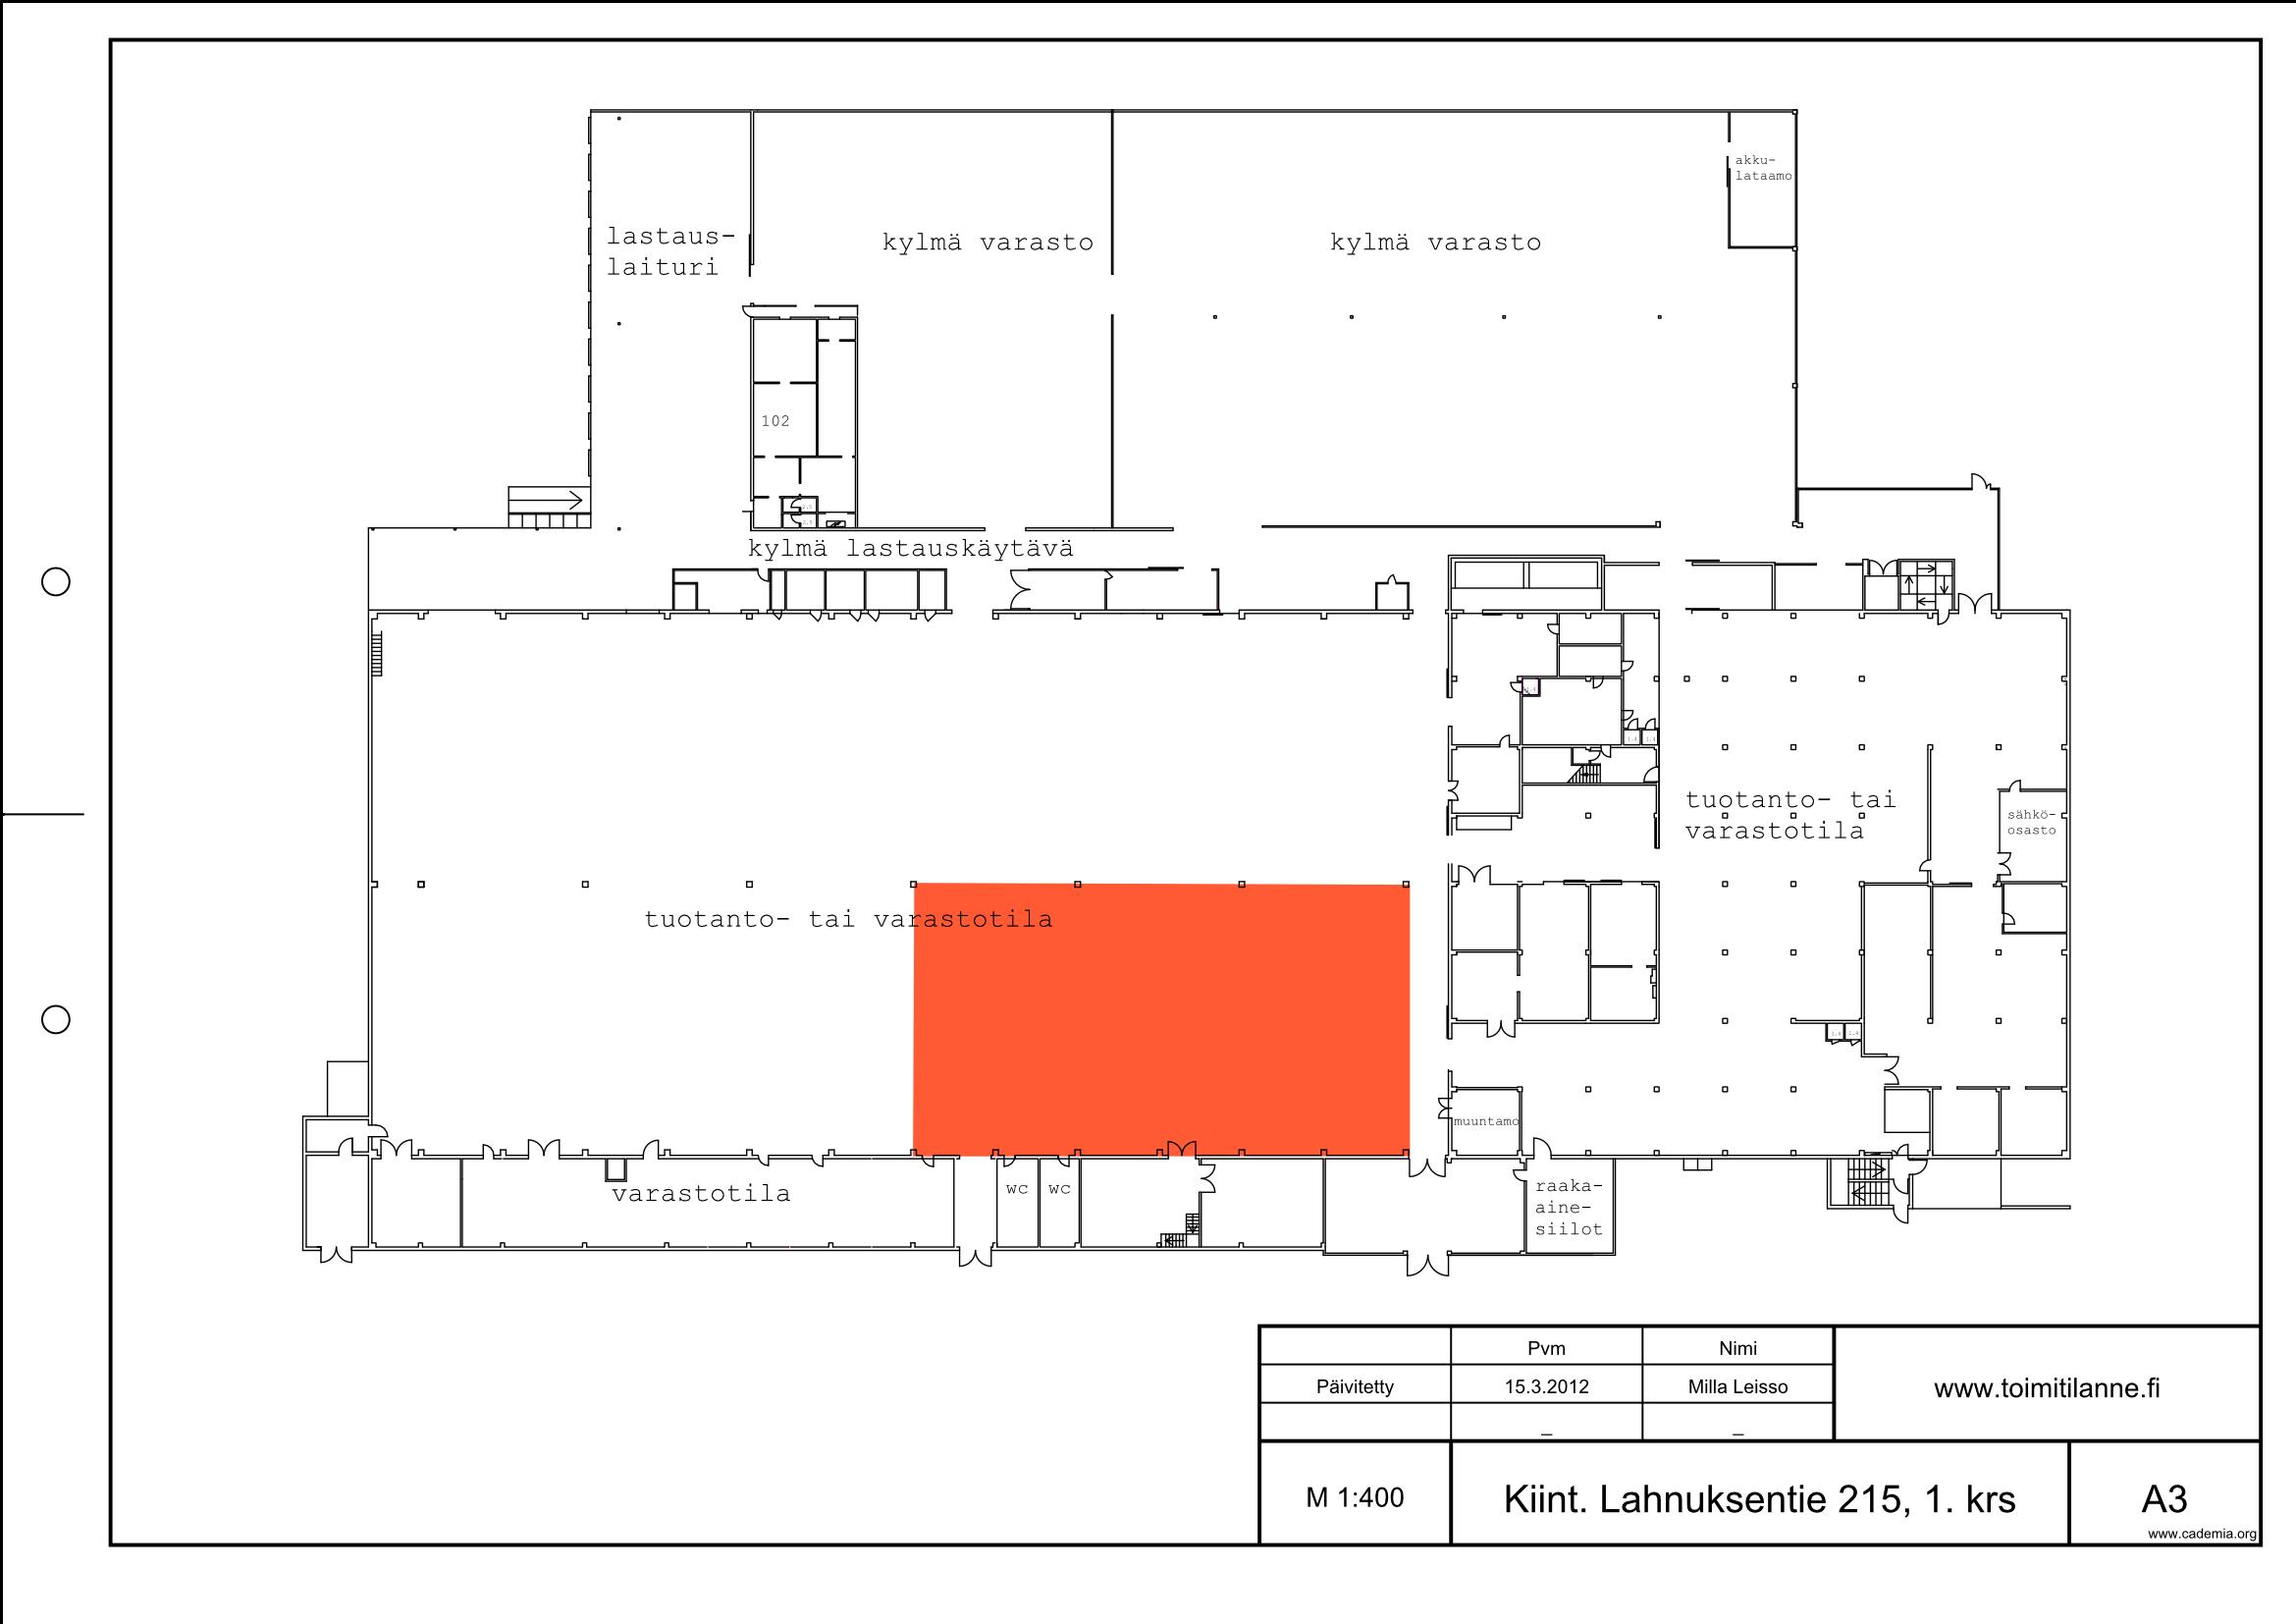 Toimitilanne Suomi, Nurmijärvi - Klaukkala, Lahnuksentie 215. Varastotila 734 m².